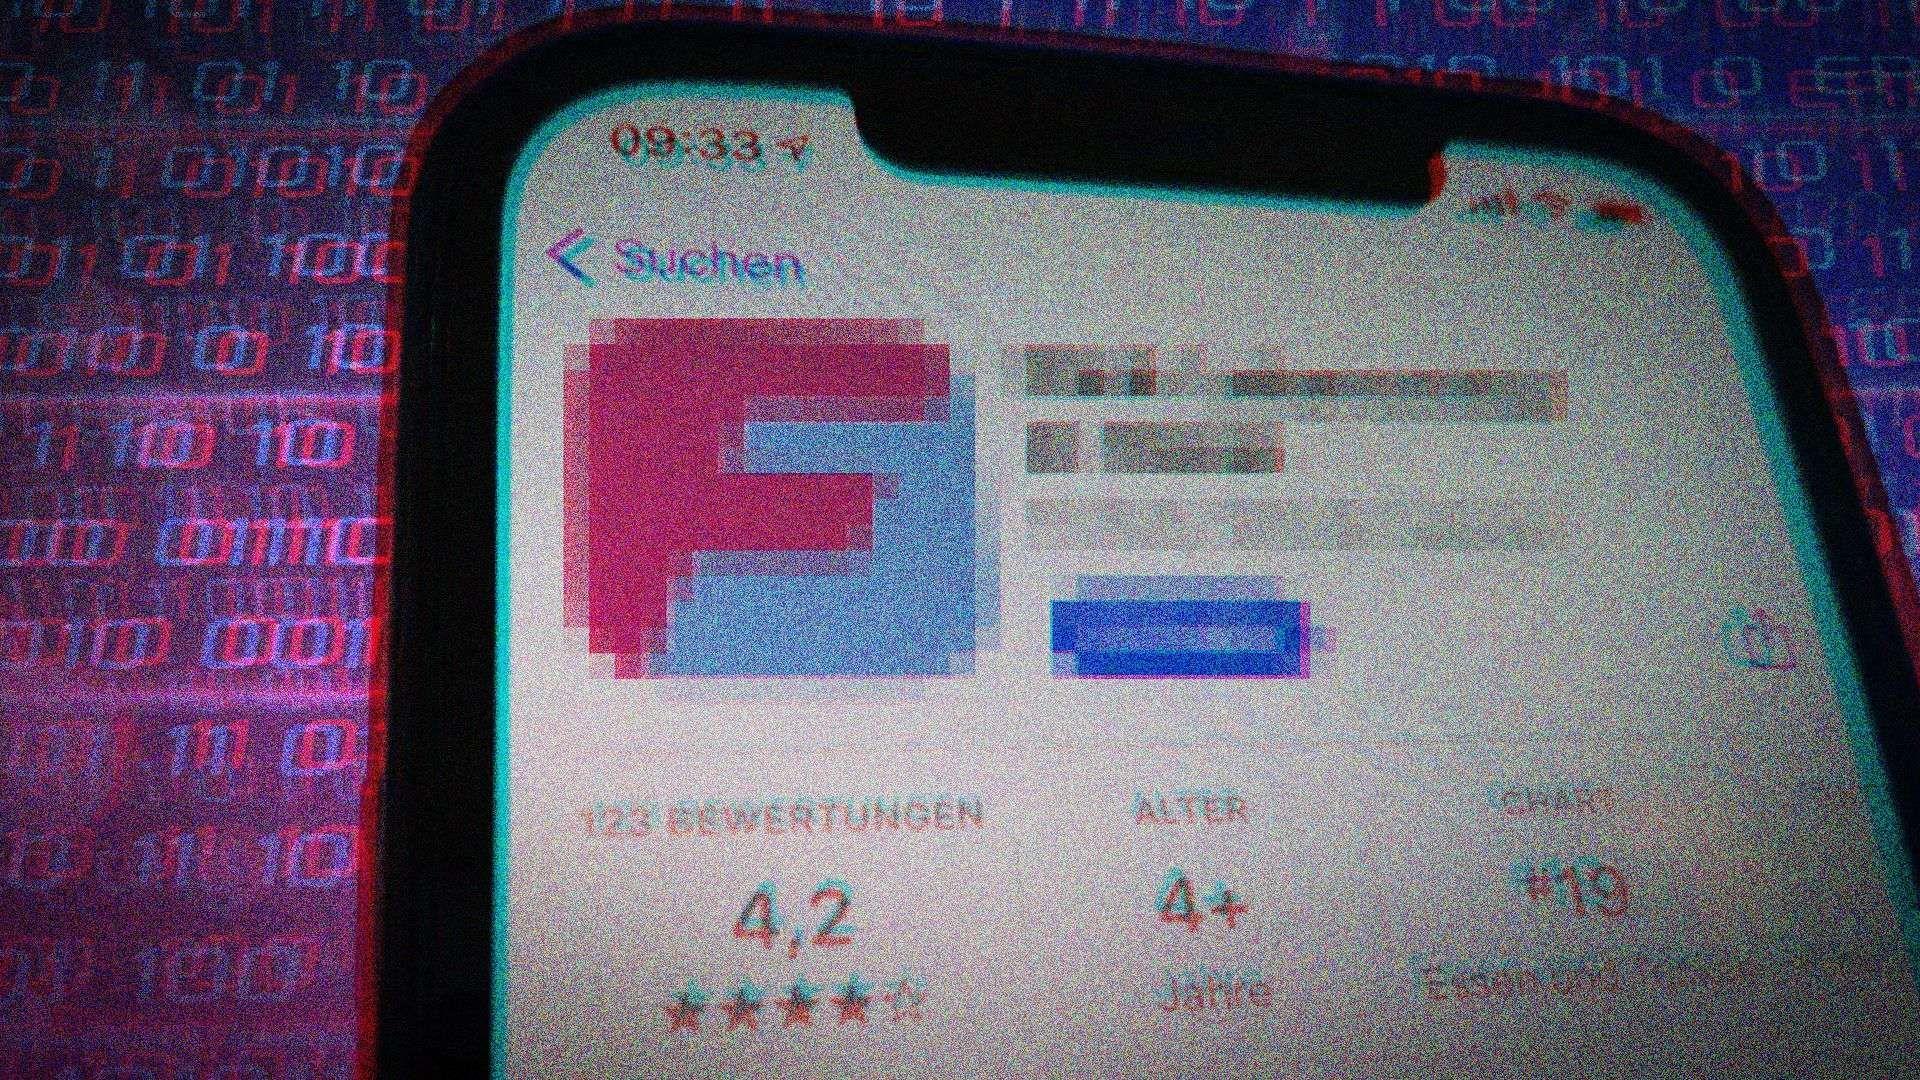 Riesiges Daten-Loch bei beliebter Lieferdienst-App entdeckt: Adresse, Name, Kreditkartendaten